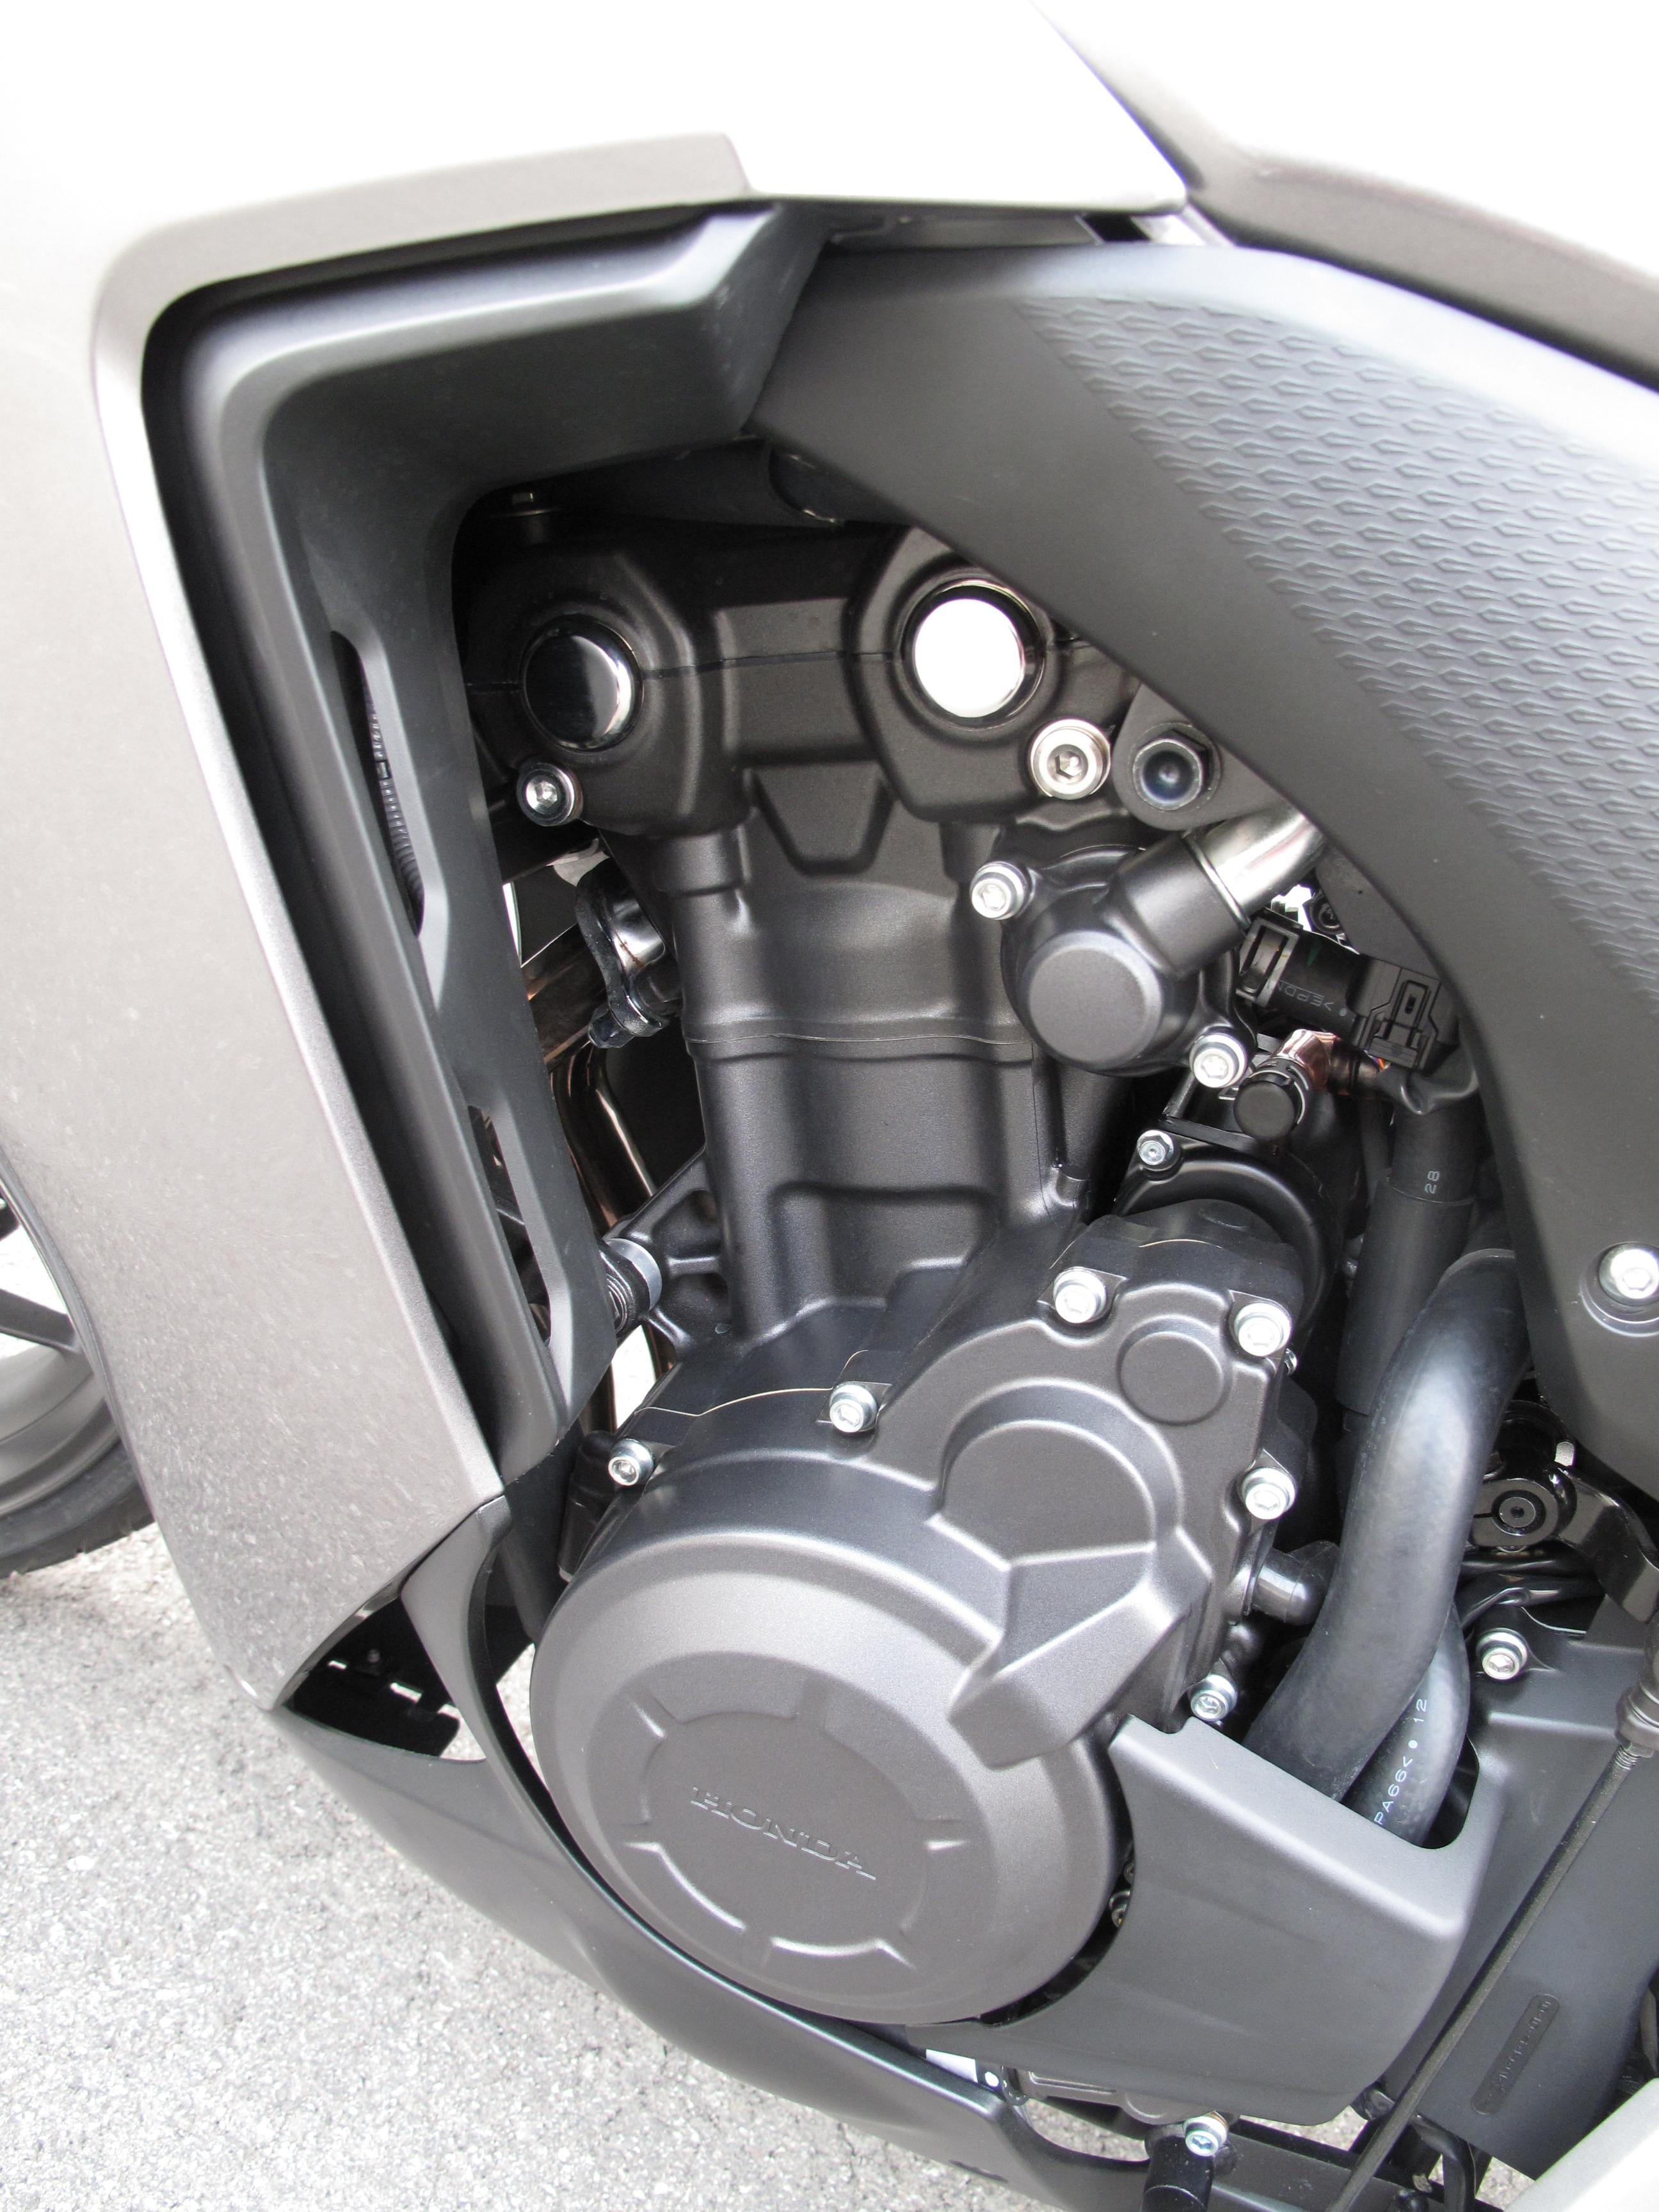 First Ride: 2013 Honda CBR500R review